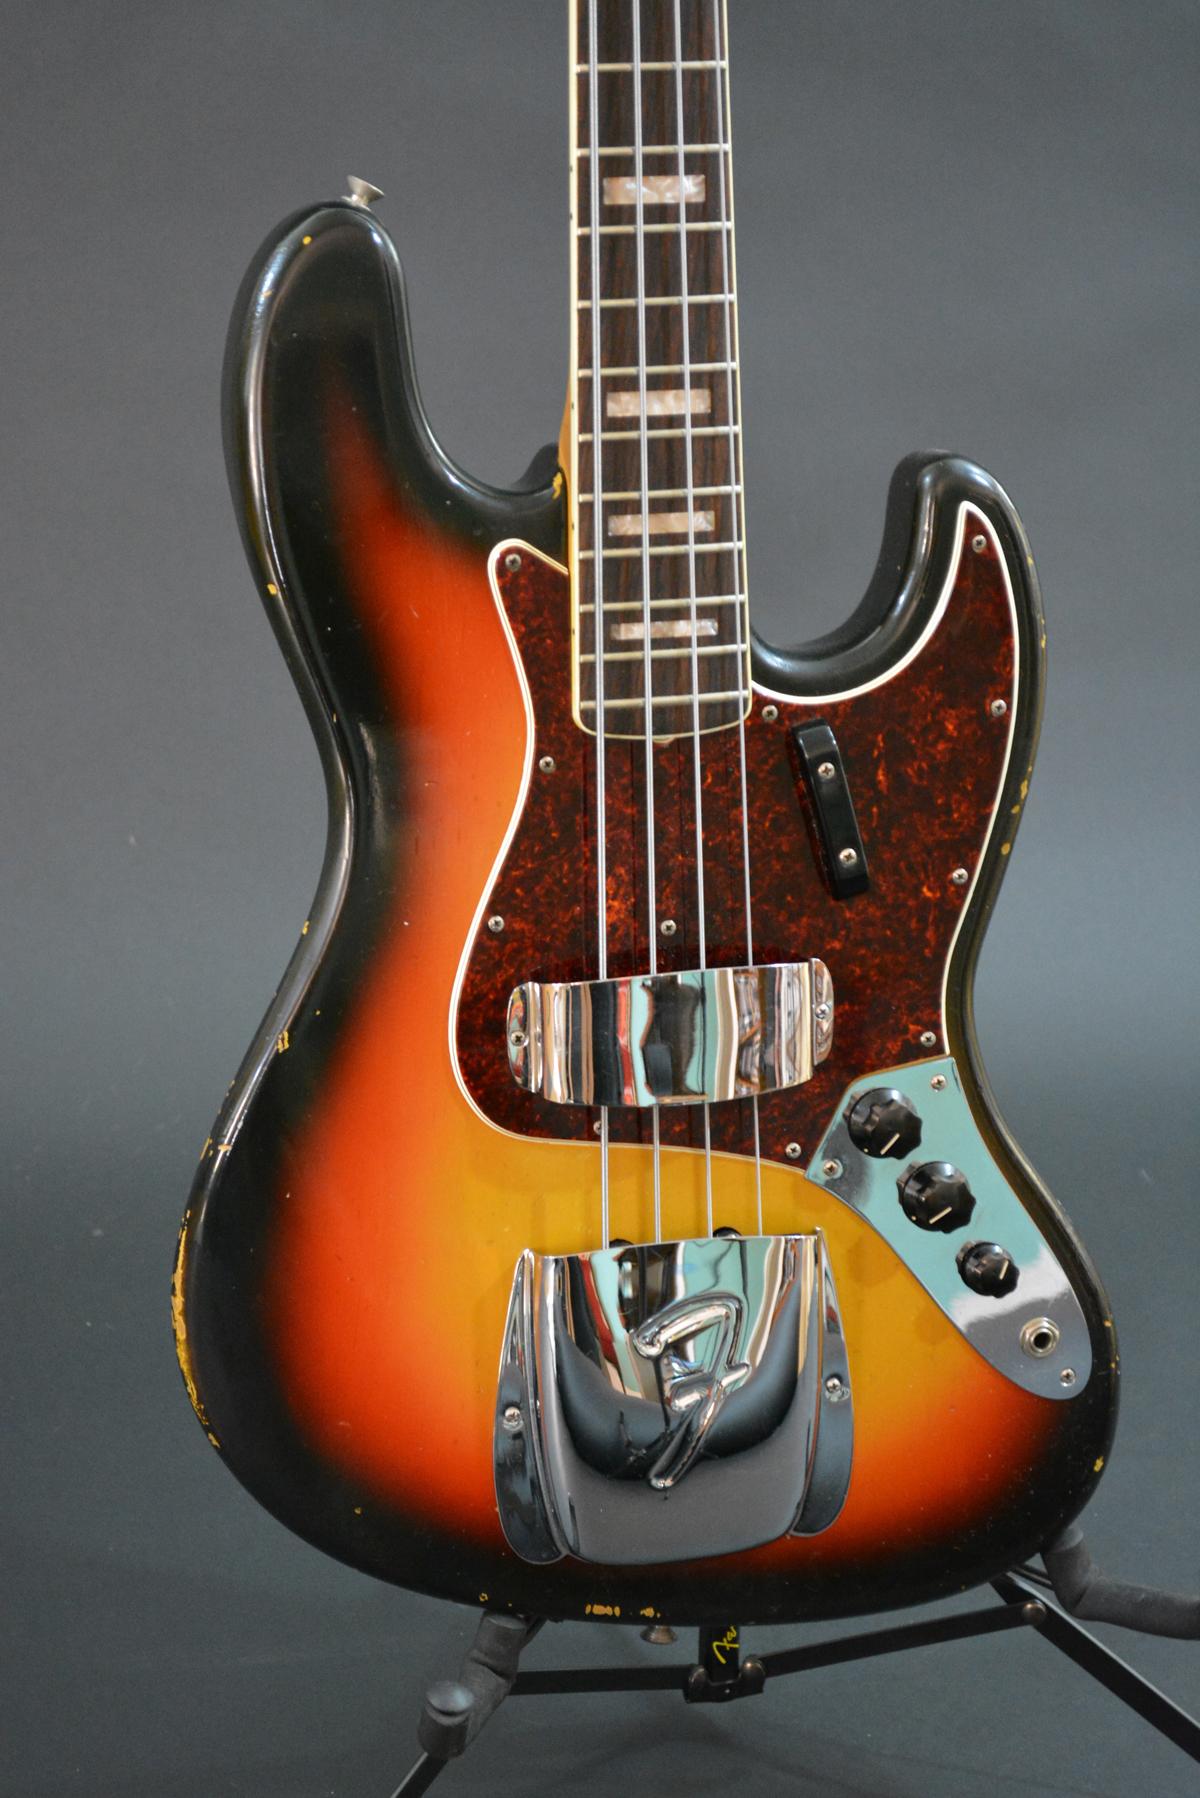 1966 Fender Jazz Bass Voltage Guitar